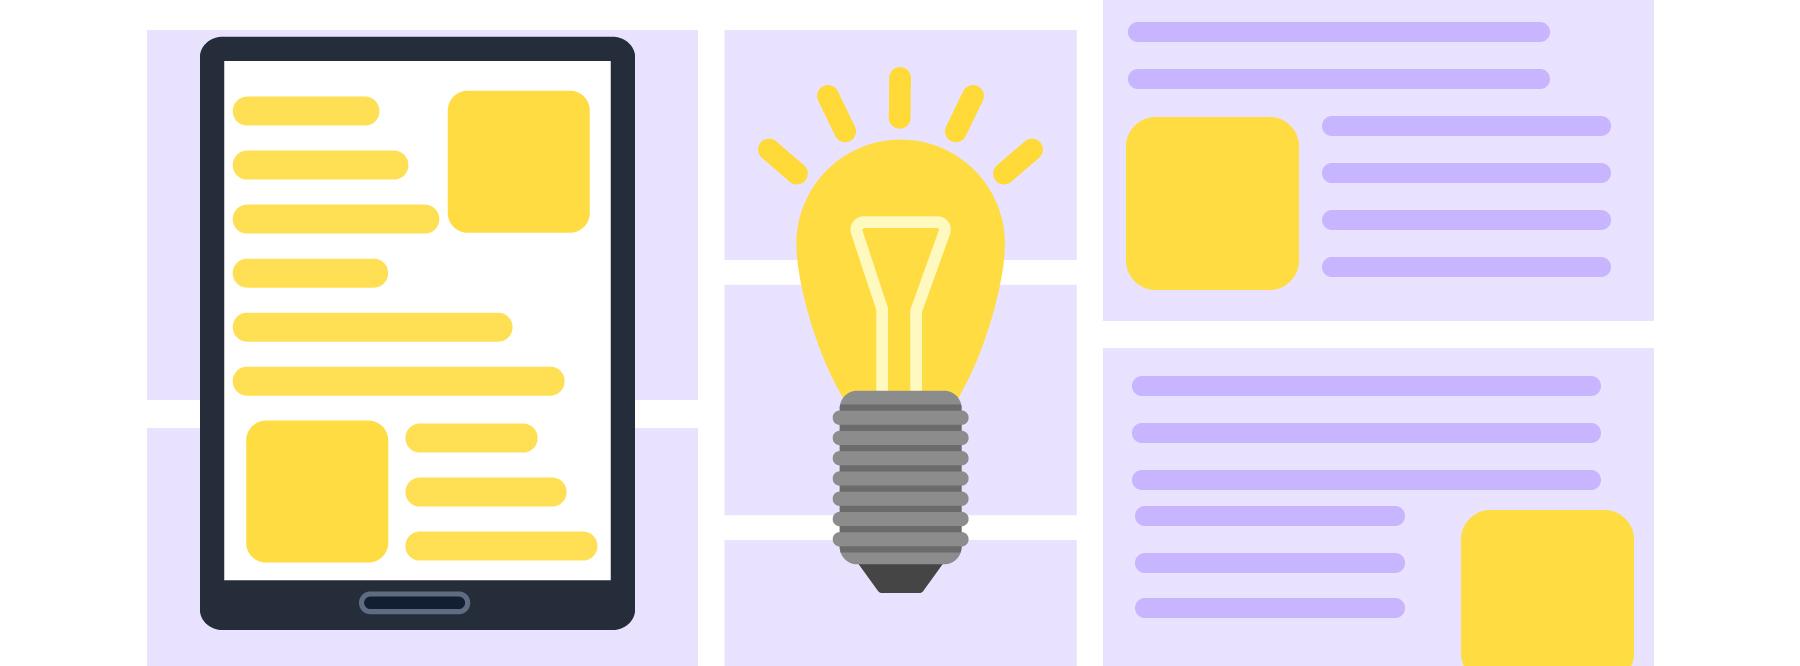 Innovación educativa: 8 tendencias tecnológicas para 2020-2030